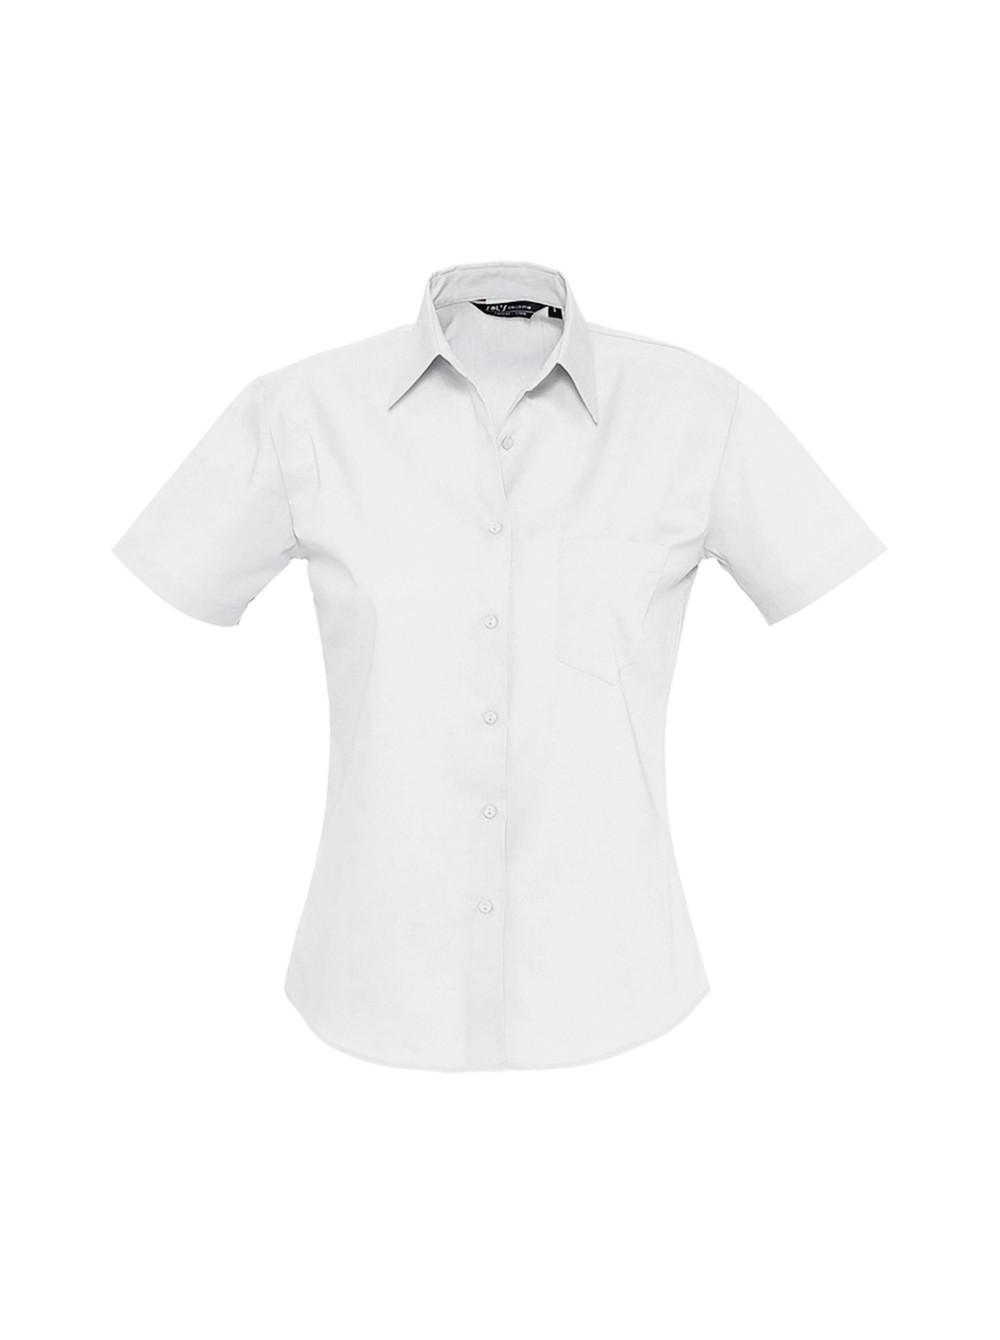 2740b697c5d Рубашка женская с коротким рукавом ENERGY белая Sol s купить оптом ...